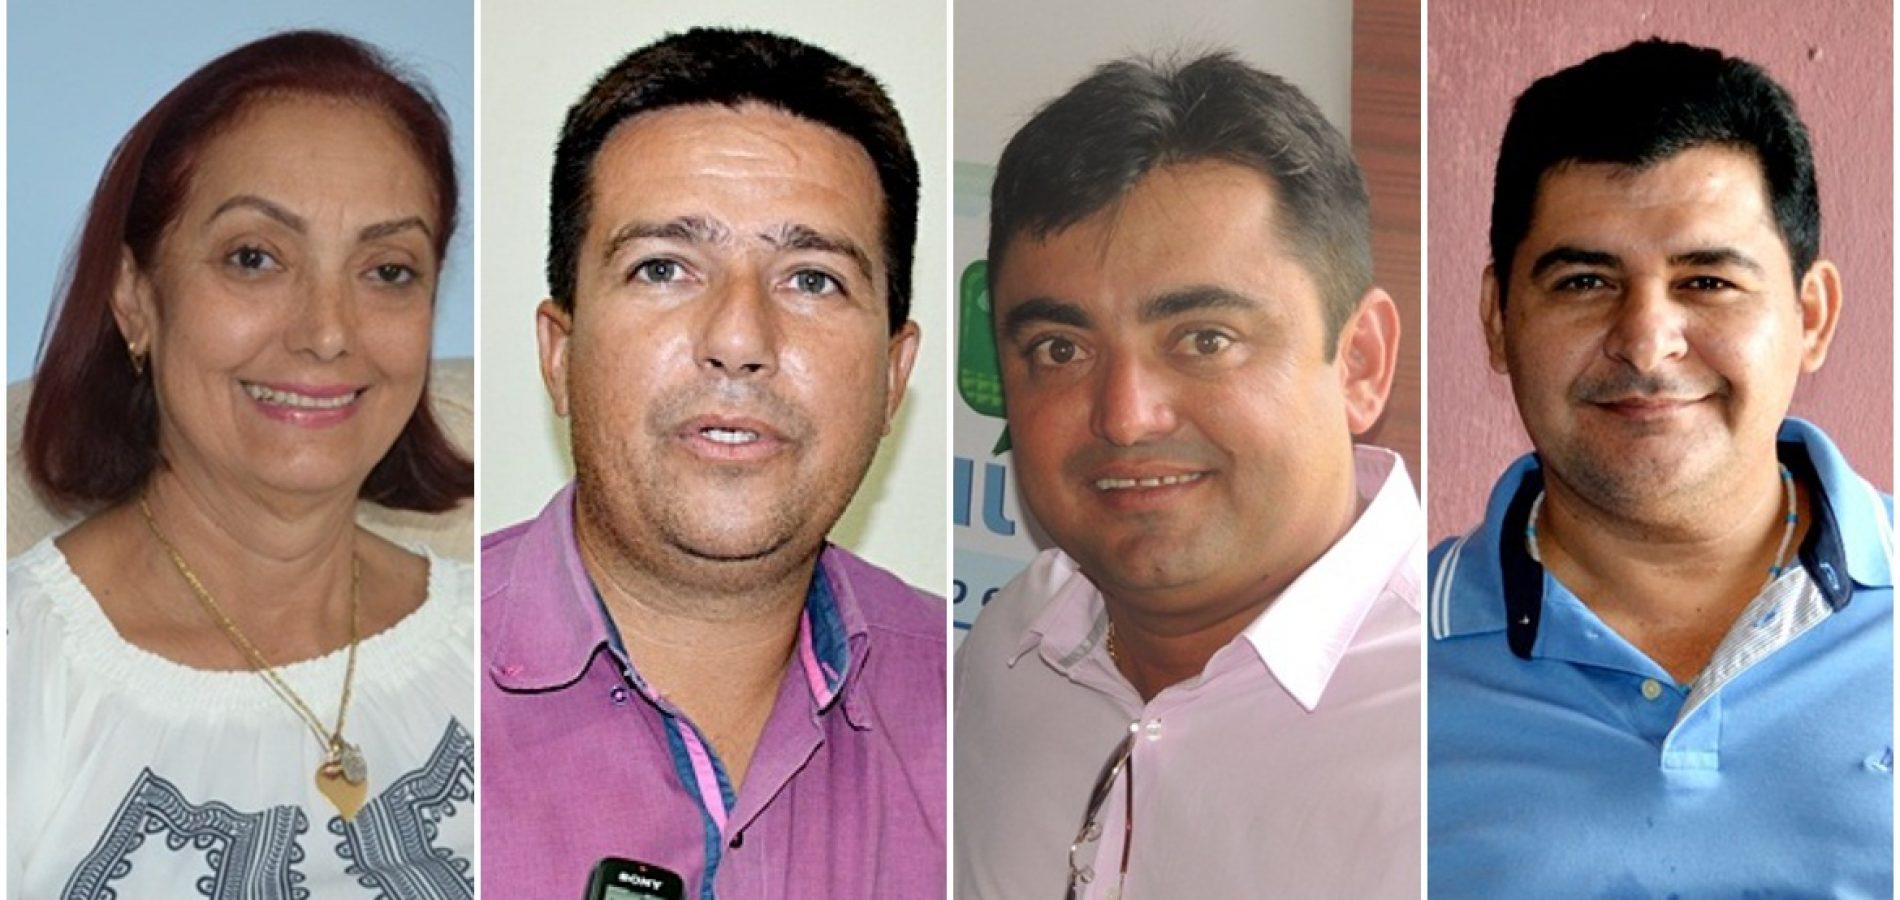 Eleitos em Fronteiras, Caldeirão, Alegrete e São Julião serão diplomados dia 15 de dezembro